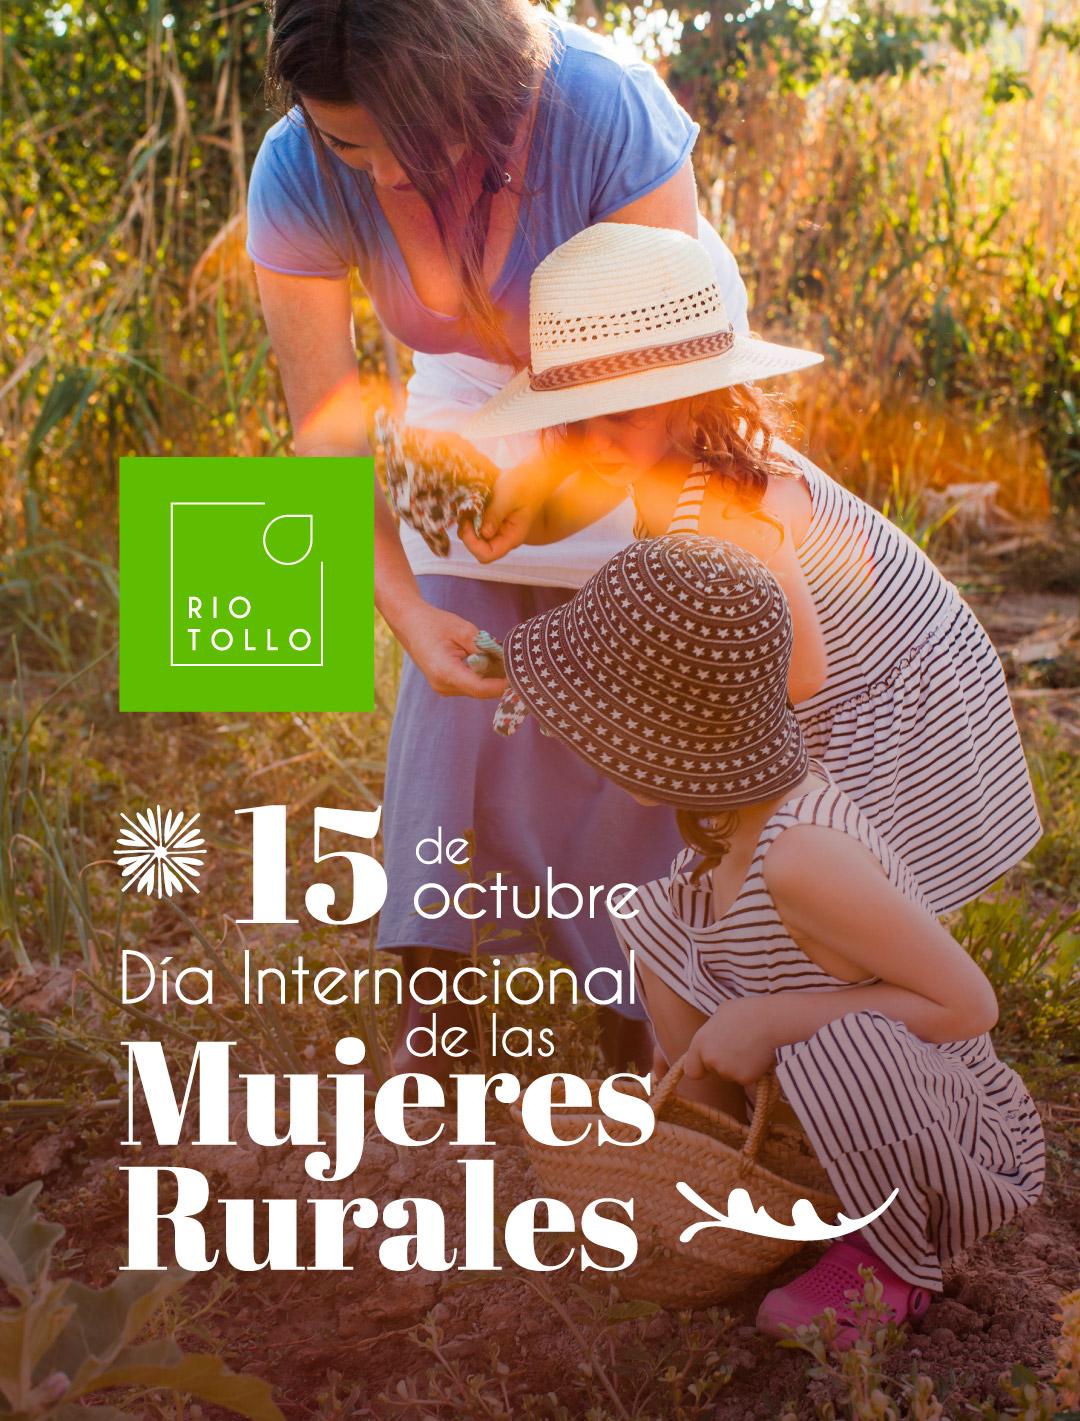 Feliz Dia Internacional De Las Mujeres Rurales Rio Tollo Comparte y difunde estas palabras. rio tollo